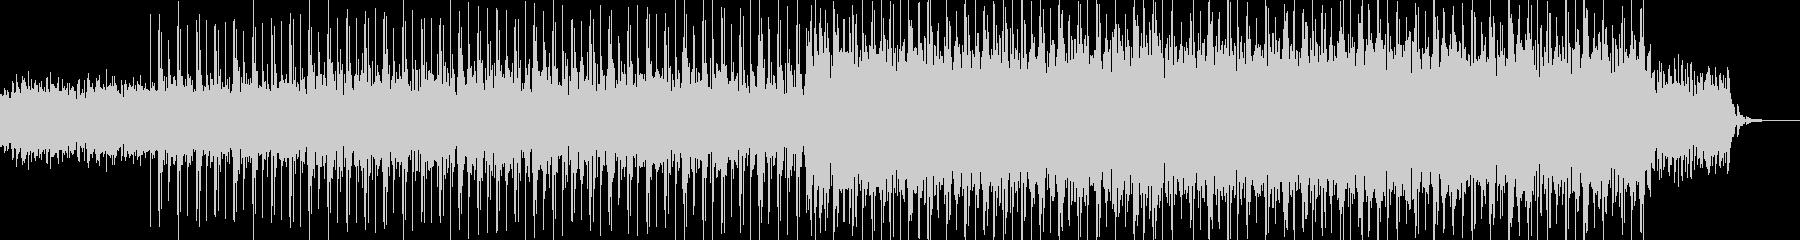 ギターとエレピのバックグラウンドヒップホの未再生の波形